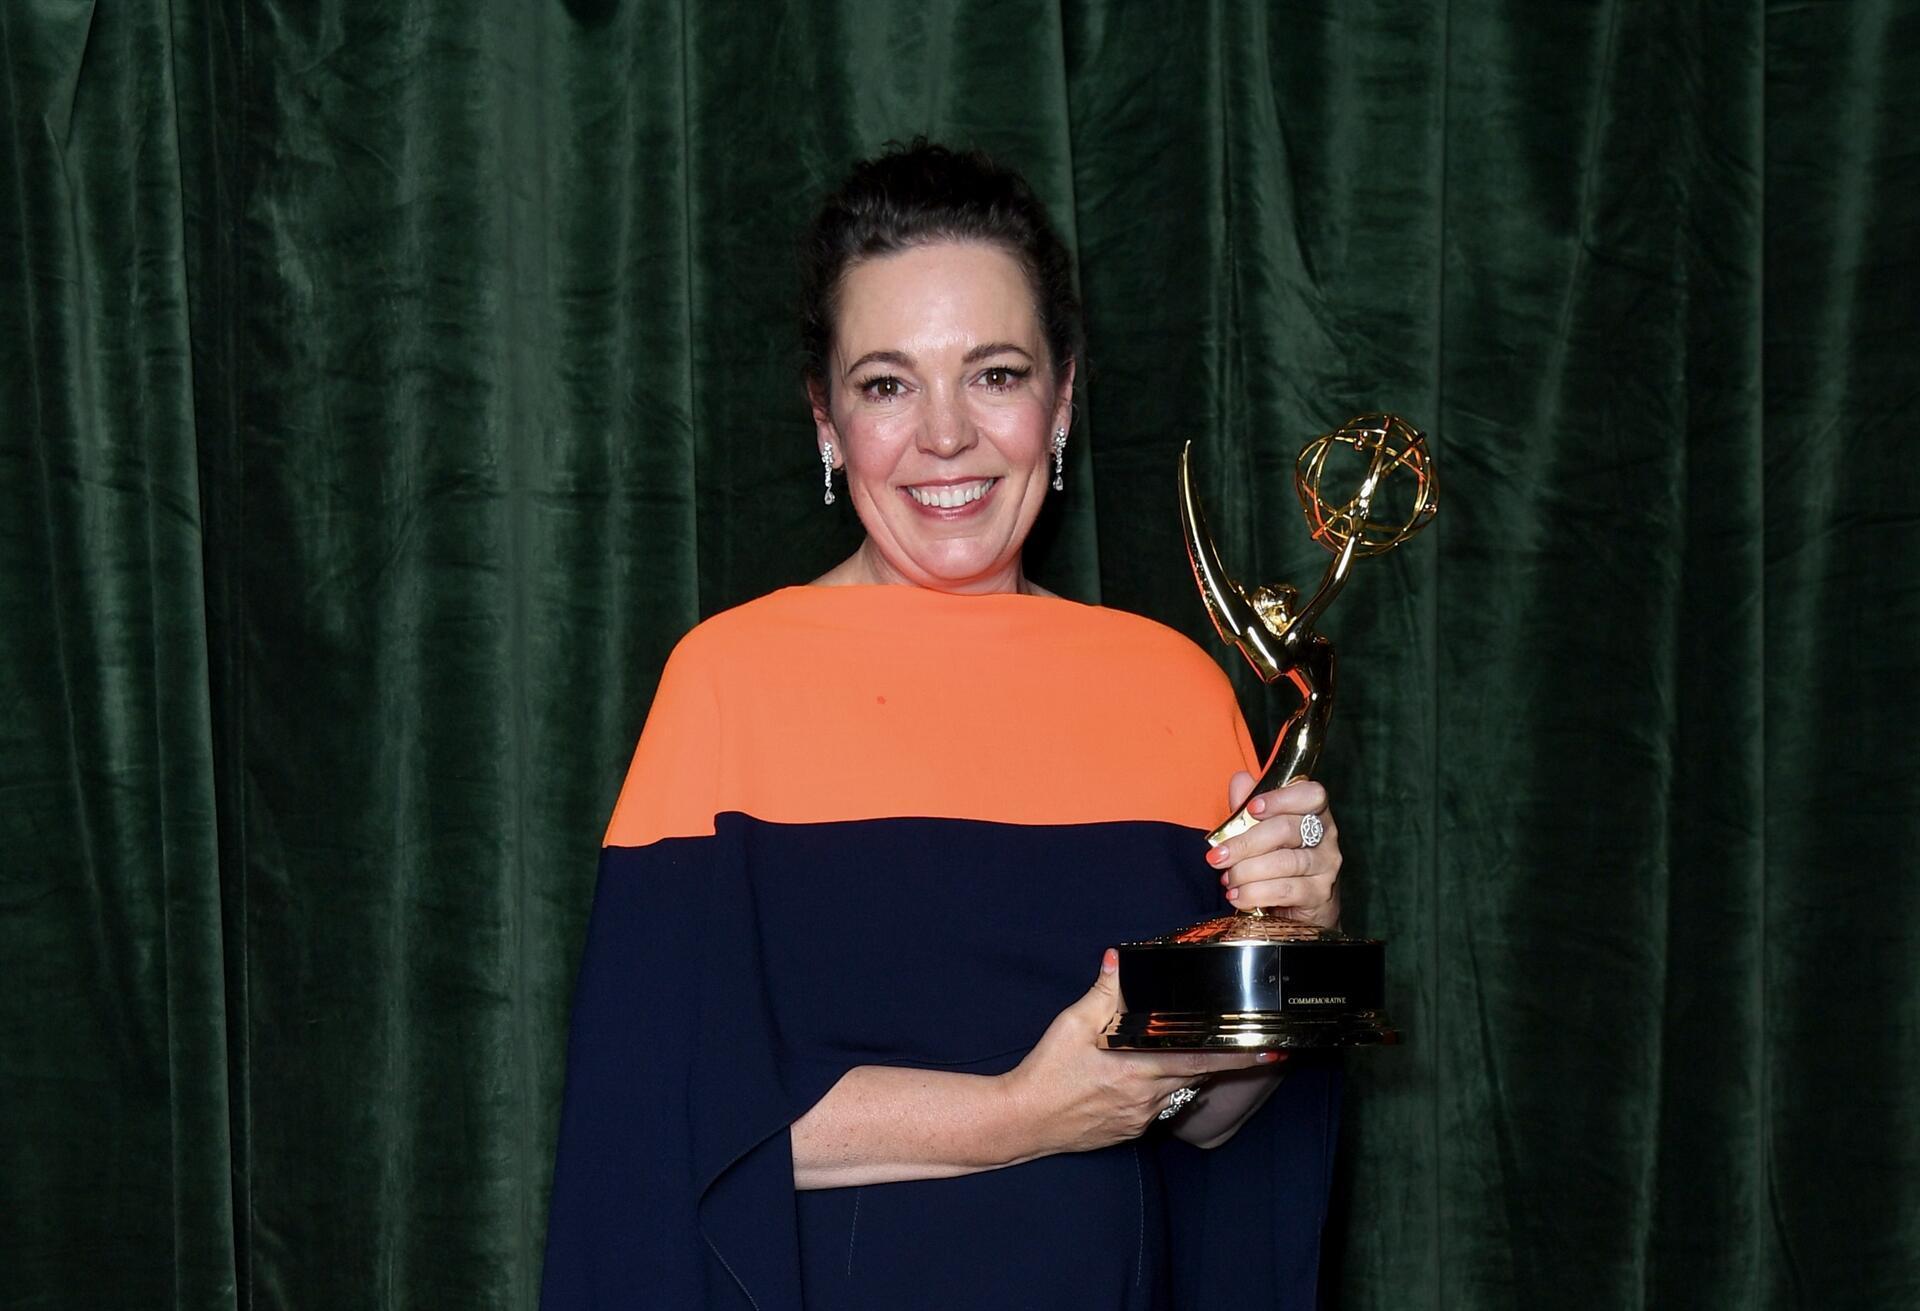 Foto de Olivia Colman. A mulher branca de cabelo preto preso em um coque sorri segurando uma estatueta na sua direita. Ela veste uma blusa laranja com azul e brincos pratas. O fundo é um pano verde.